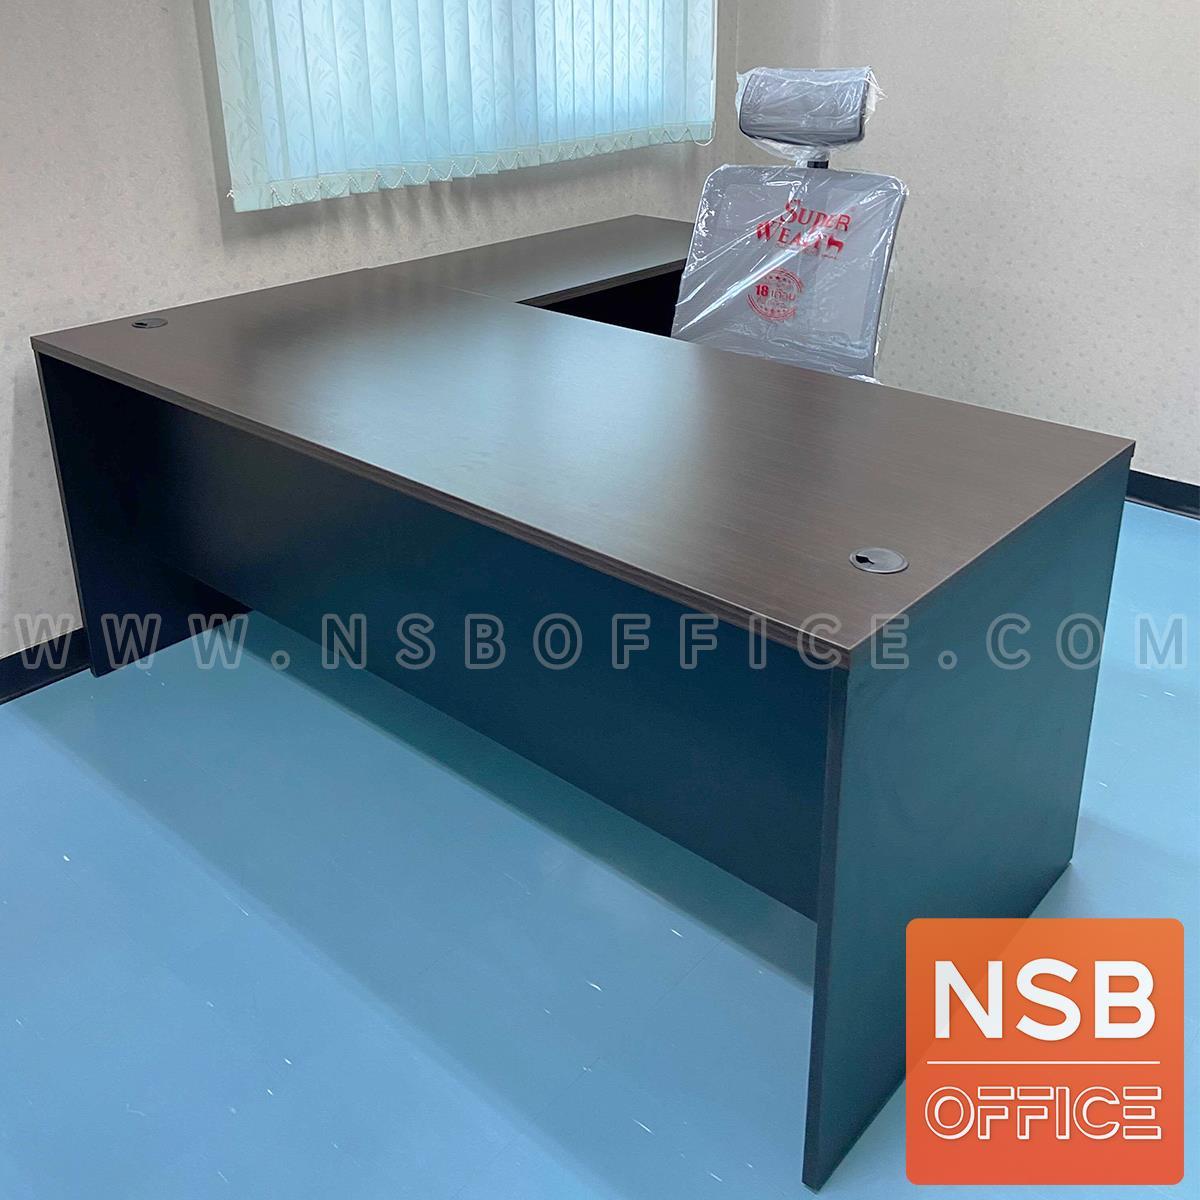 โต๊ะผู้บริหารตัวแอล รุ่น Bonita (โบนิต้า) ขนาด 180W*180D cm. พร้อม 3 ลิ้นชักข้าง กุญแจล็อกรวม